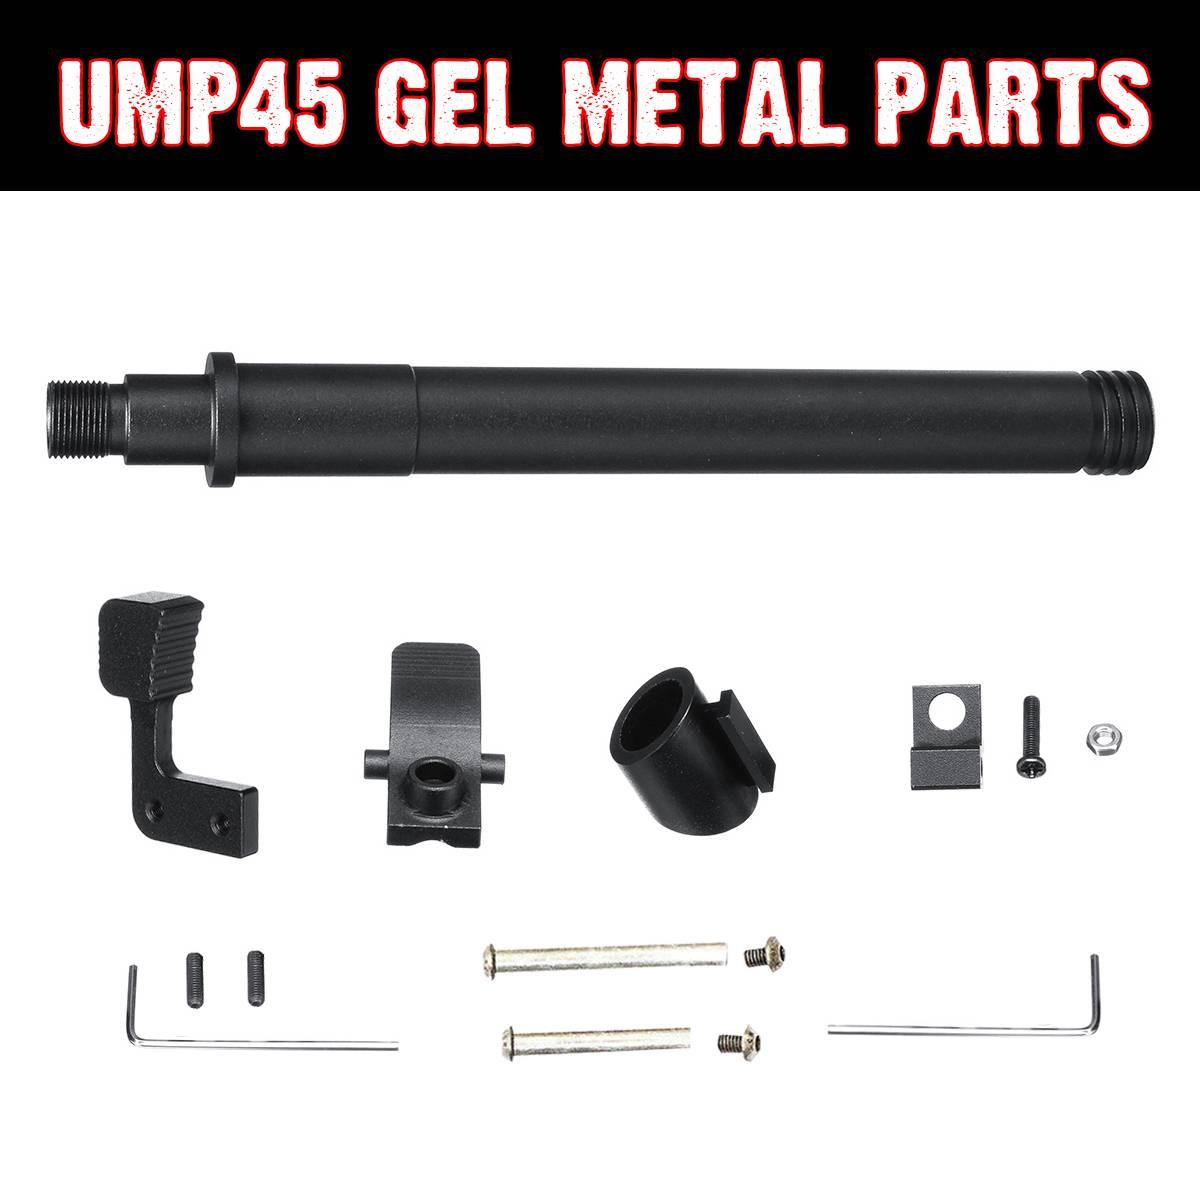 Métal Upgrade Pièces Ensembles Pour UMP45 Gel Balle Blasters jeux aquatiques Fusils Jouets accessoires de remplacement